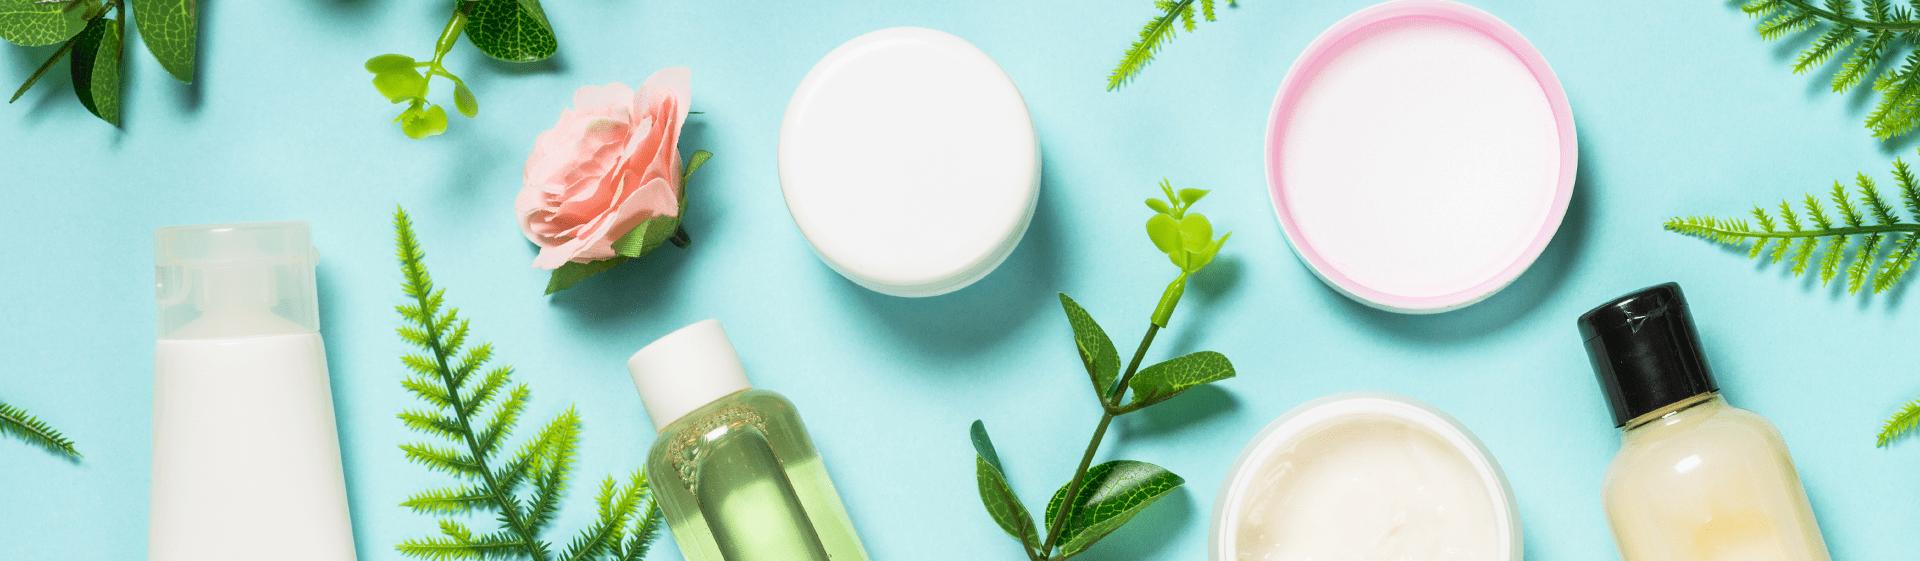 Skincare: o que é e como fazer? Saiba como cuidar da pele com os produtos ideais